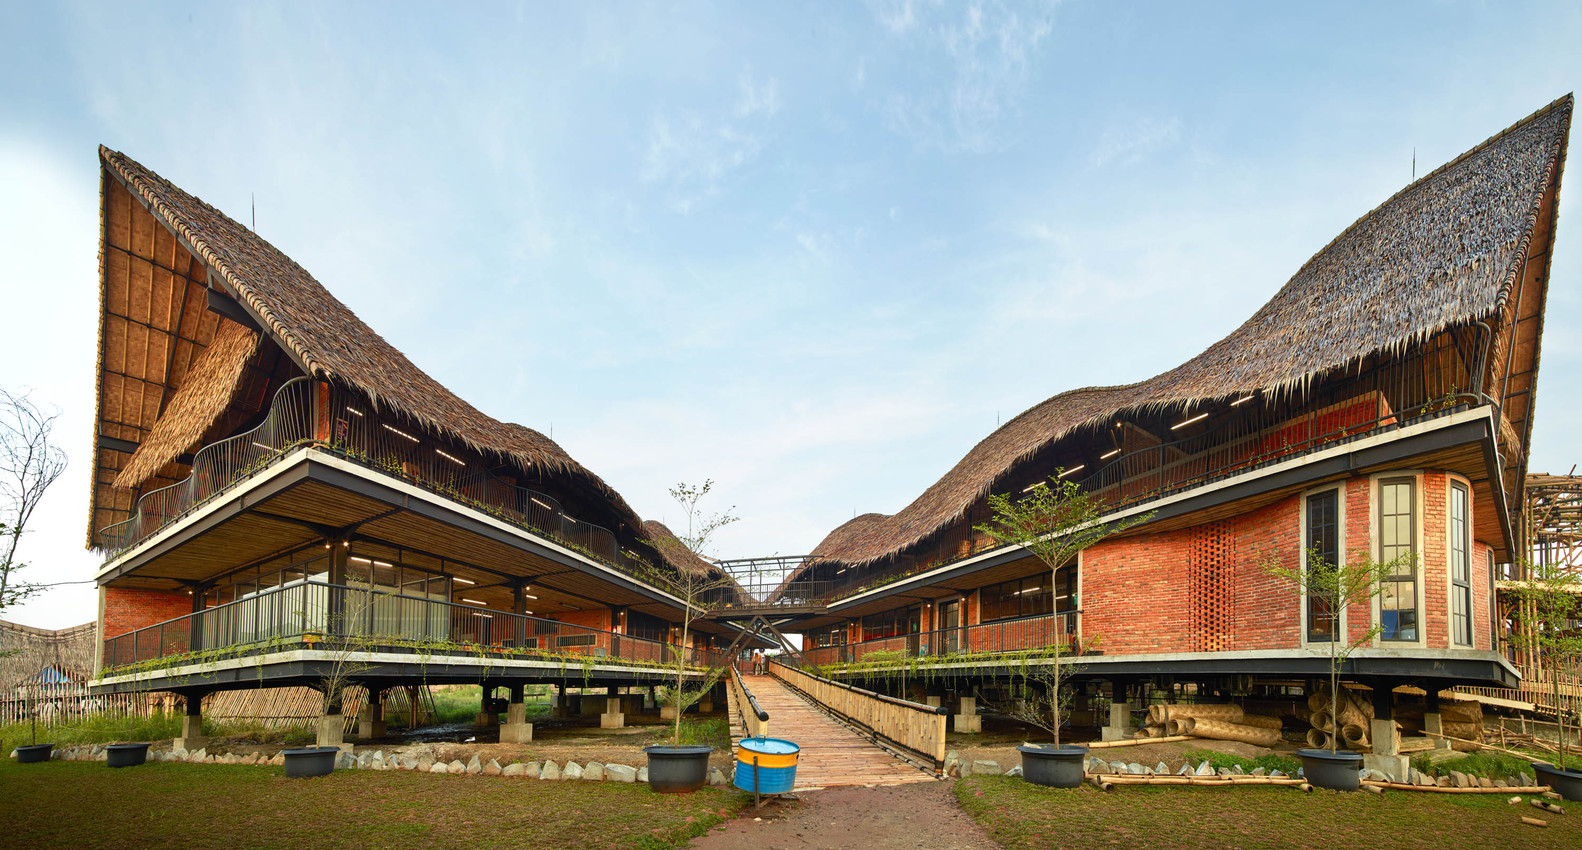 Alfa Omega School ในอินโดนีเซีย ใช้ช่างฝีมือและวัสดุในท้องถิ่น สร้างเสร็จภายใน 4 เดือน